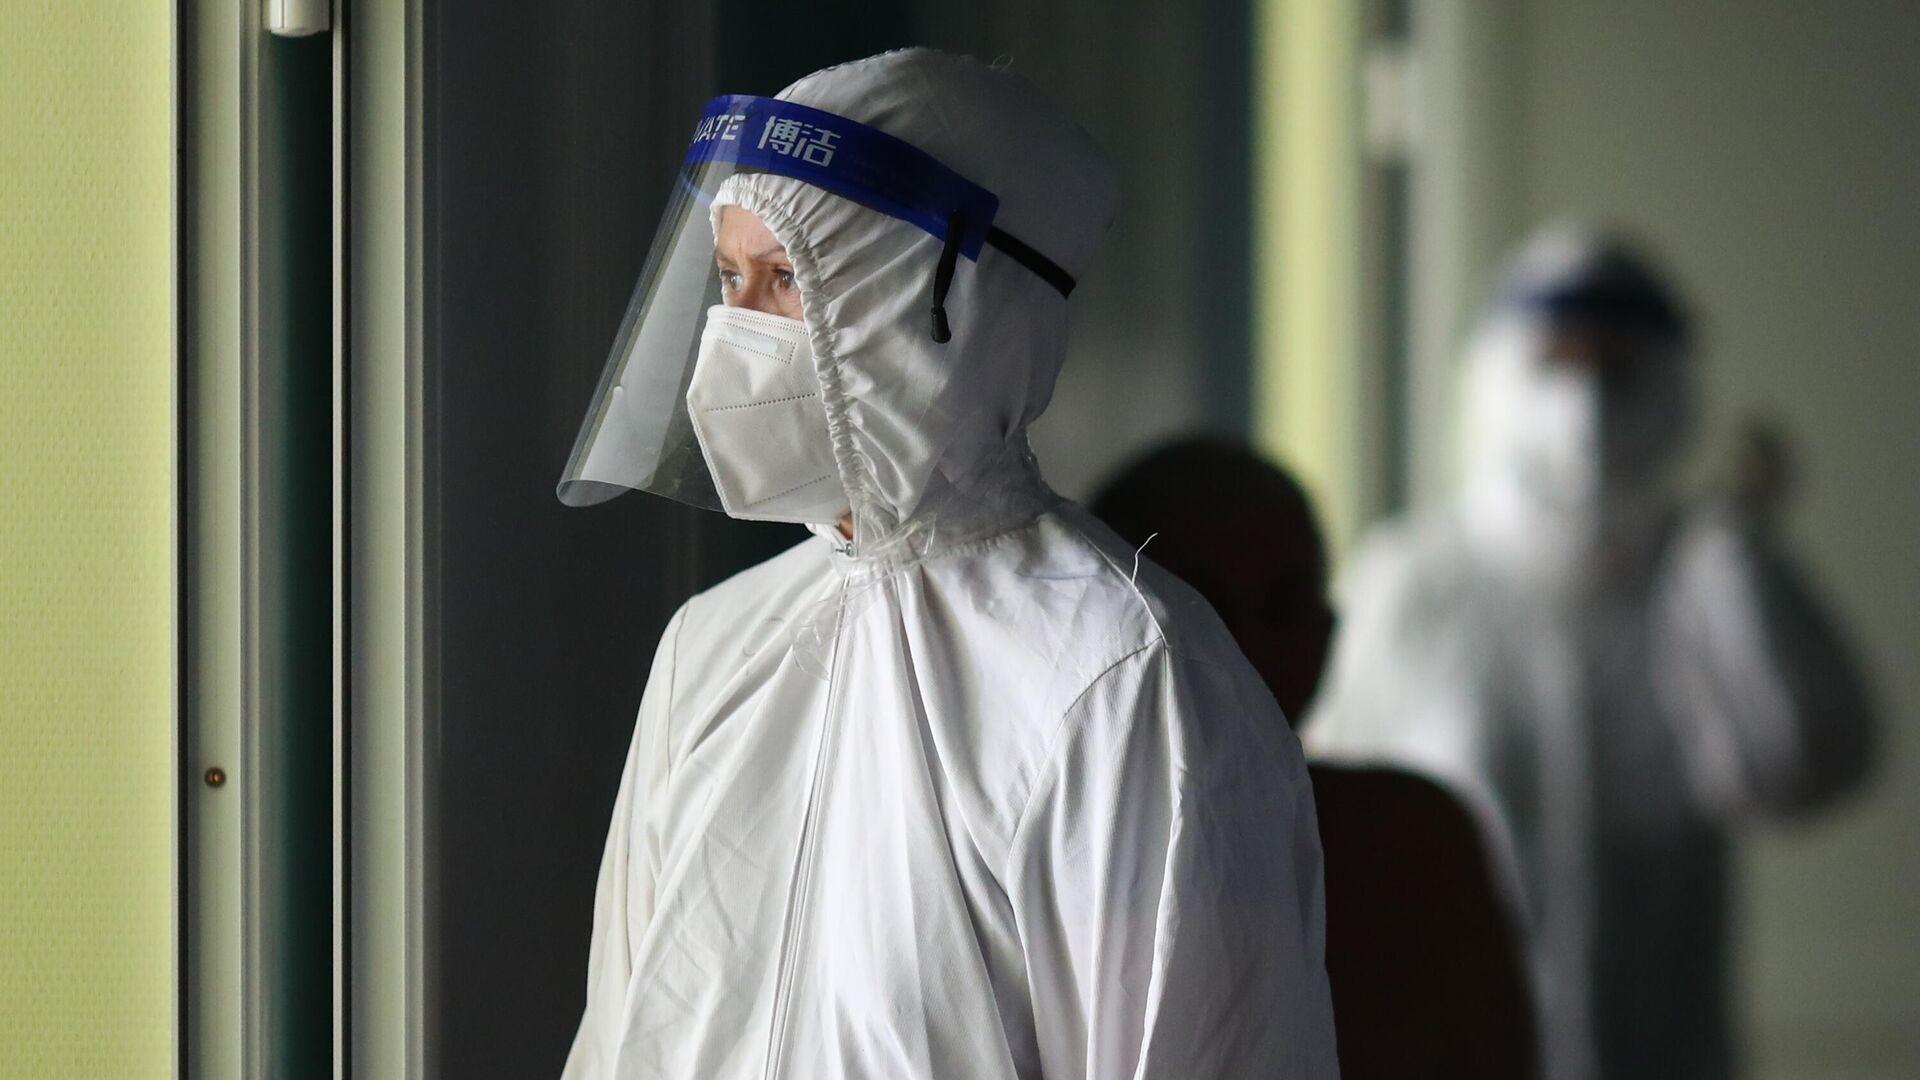 Медицинский работник в клинической больнице скорой помощи №15 в Волгограде - РИА Новости, 1920, 20.09.2021